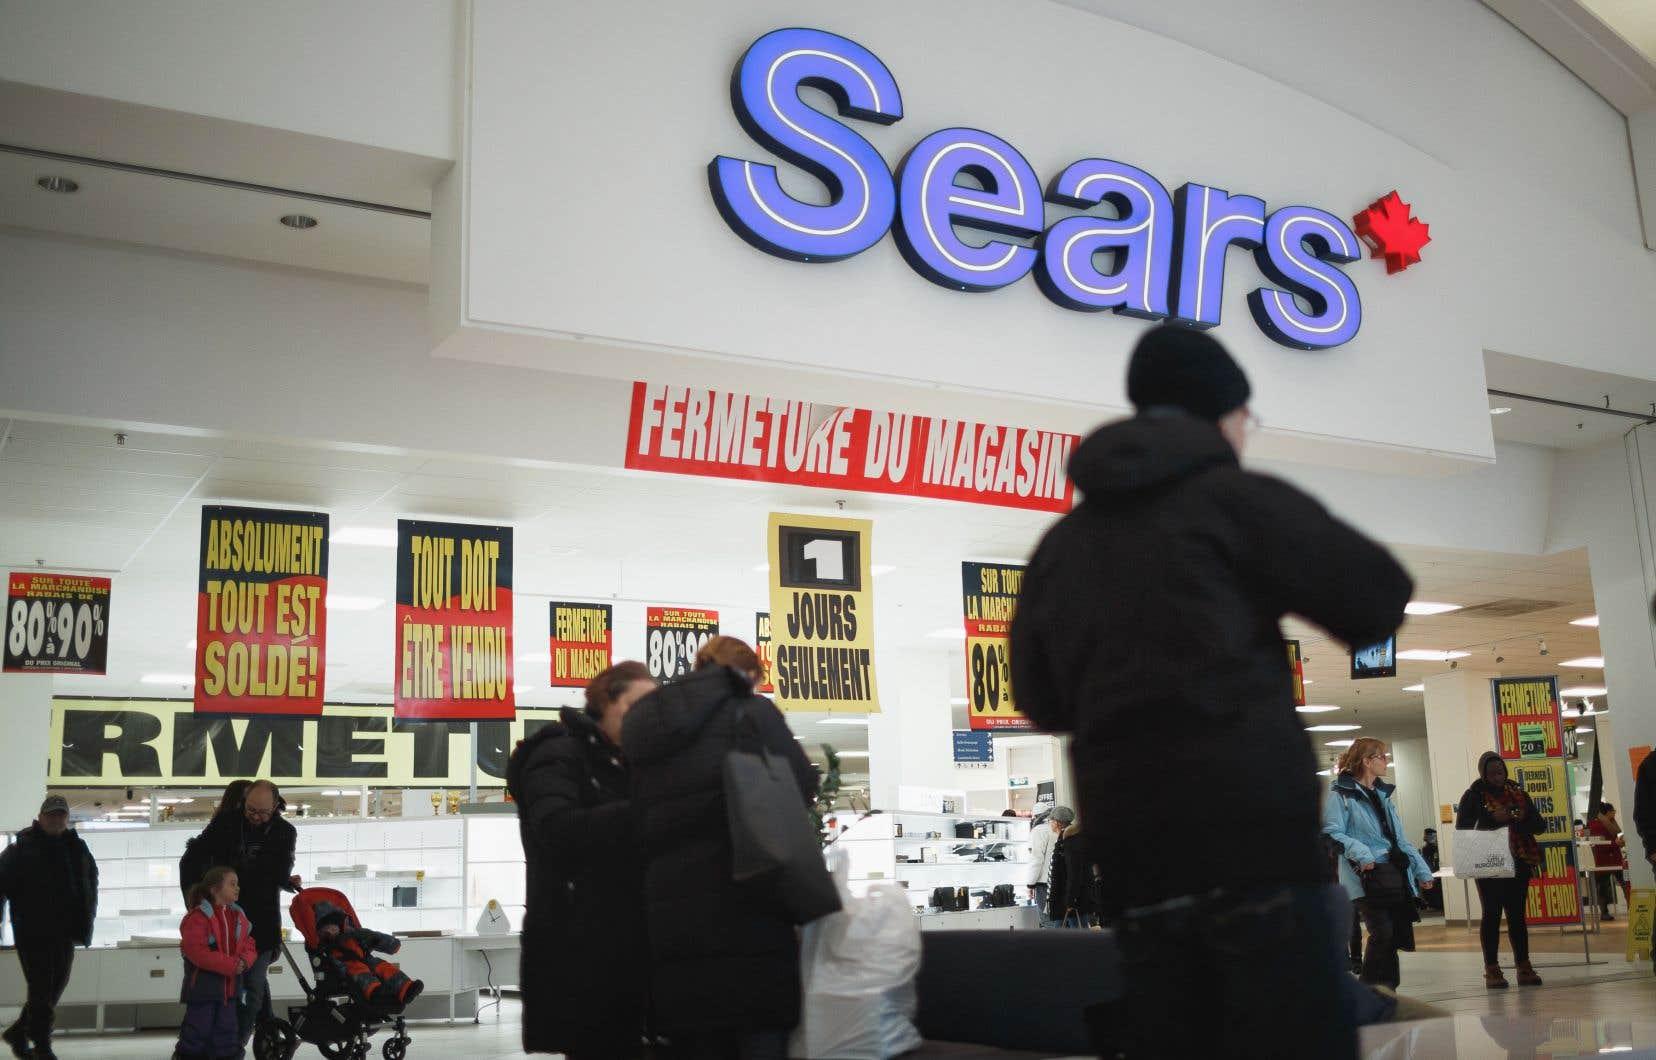 La fermeture soudaine de Sears, qui a touché 16000 personnes, semble avoir déclenché une réflexion à Ottawa.